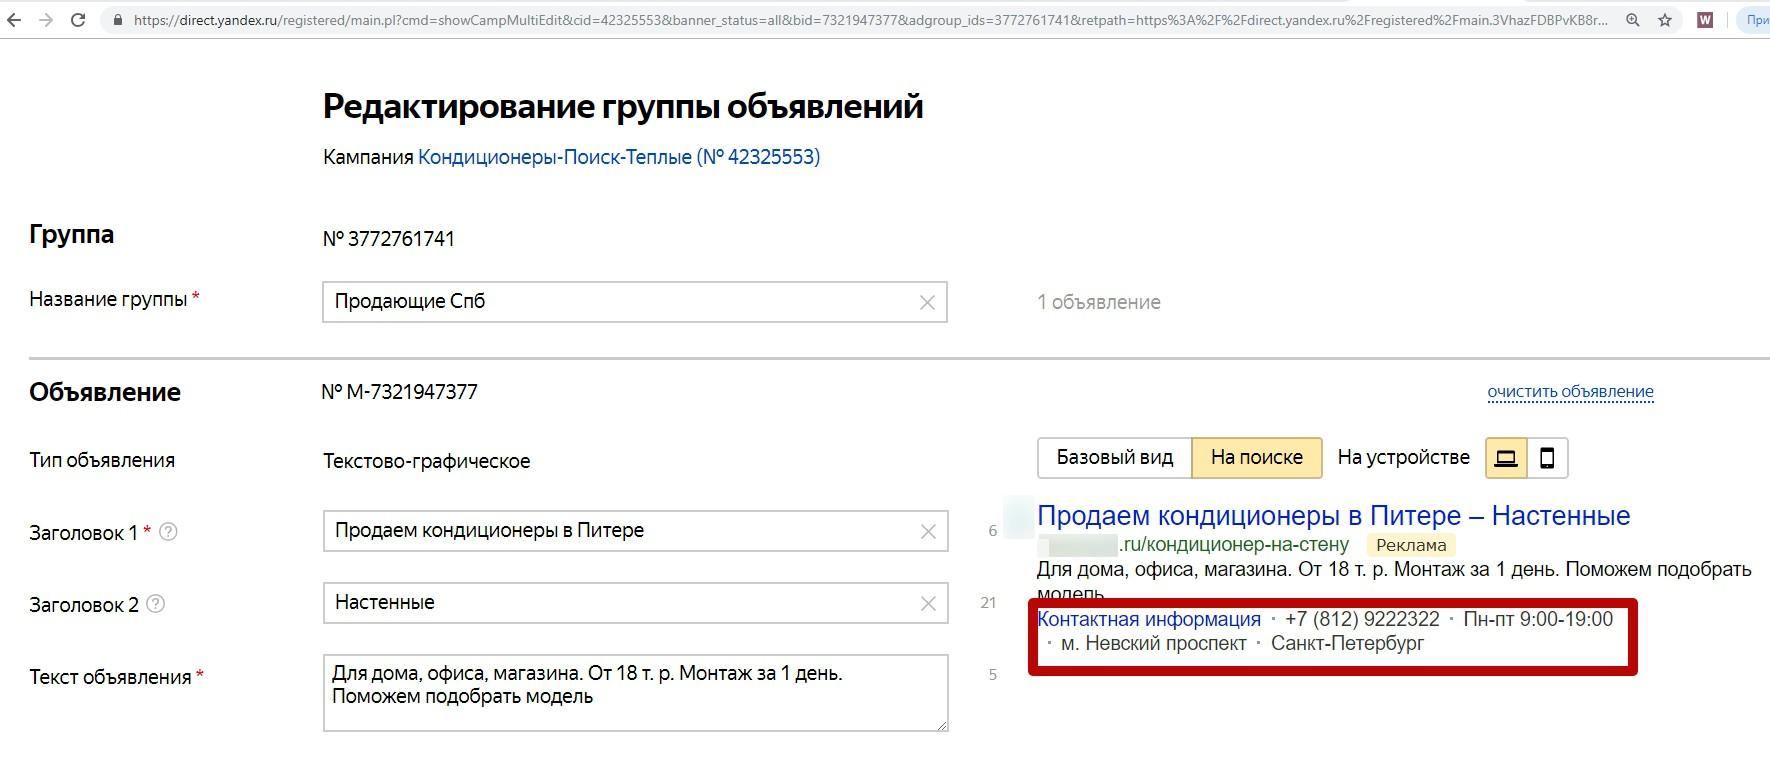 Реклама на поиске Яндекса – отображение объявления с визиткой